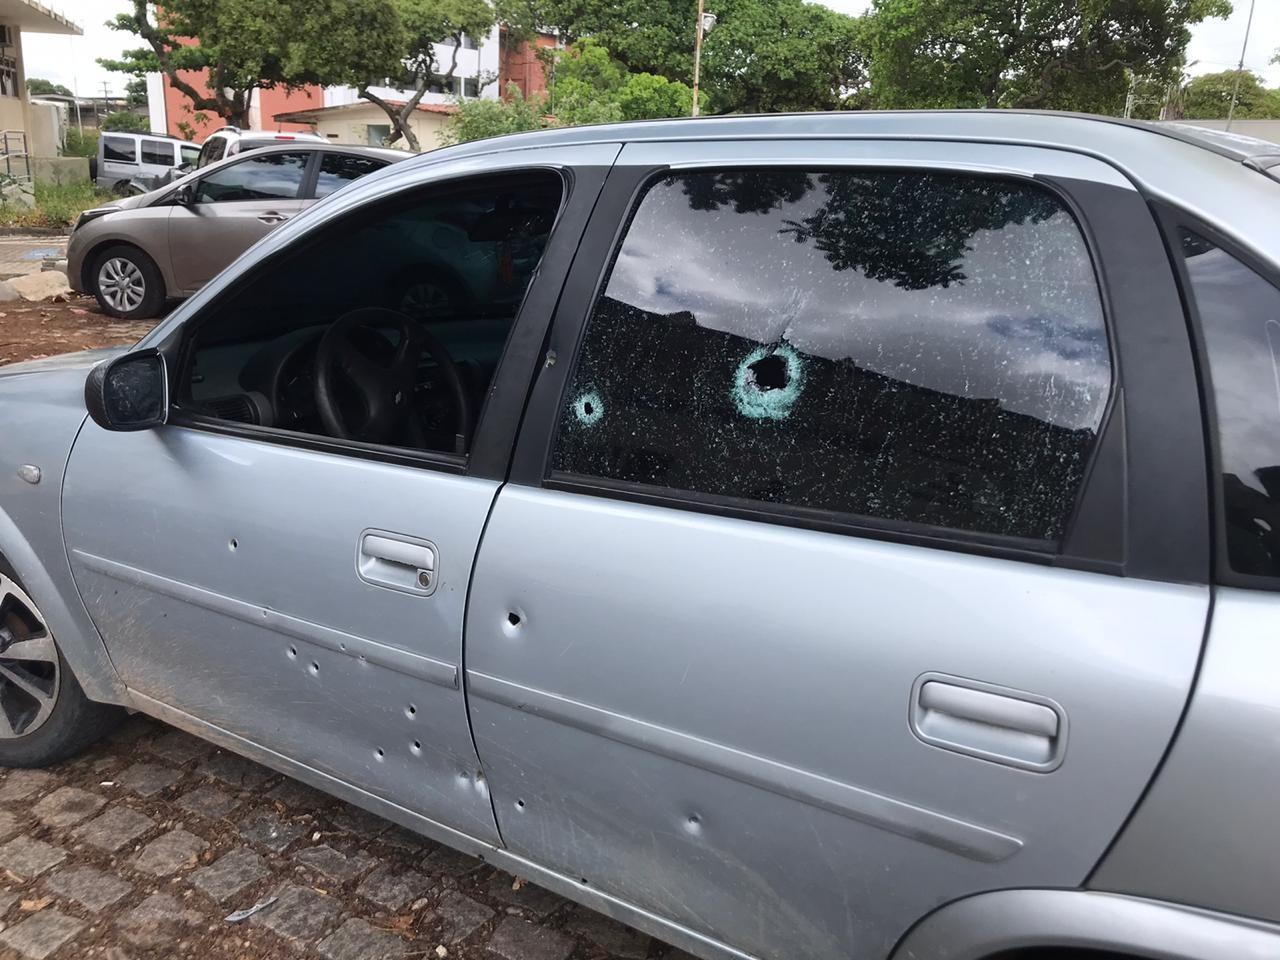 Carro é atingido por mais de 10 tiros na Zona Leste de Natal; motorista e passageiro não se ferem